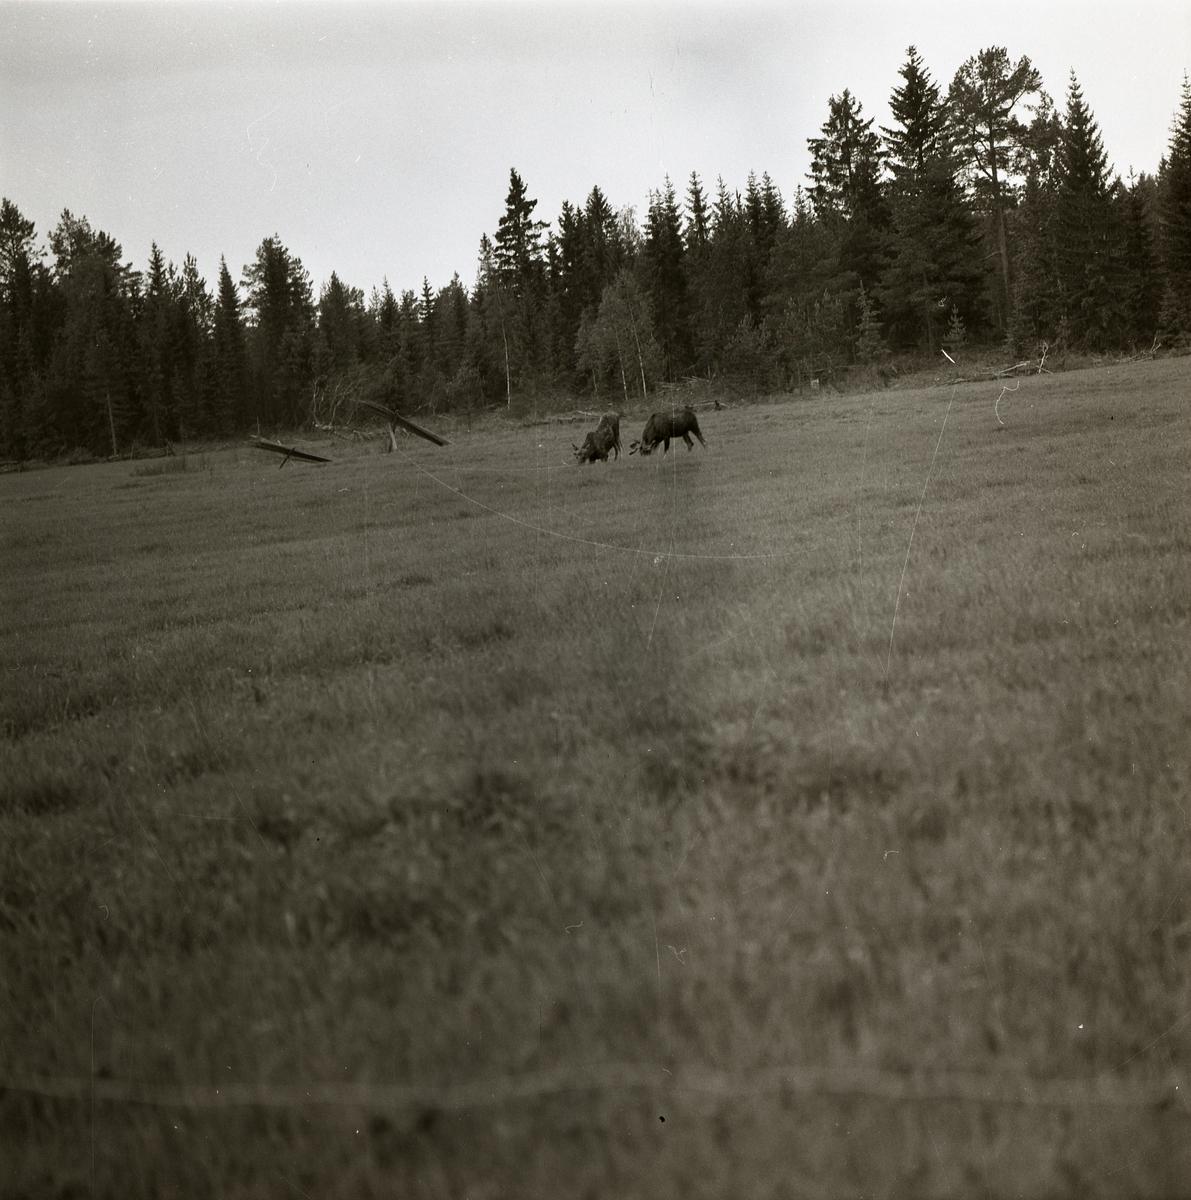 Två betande älgar på en åker intill en skog i Voxnaområdet, 1969.